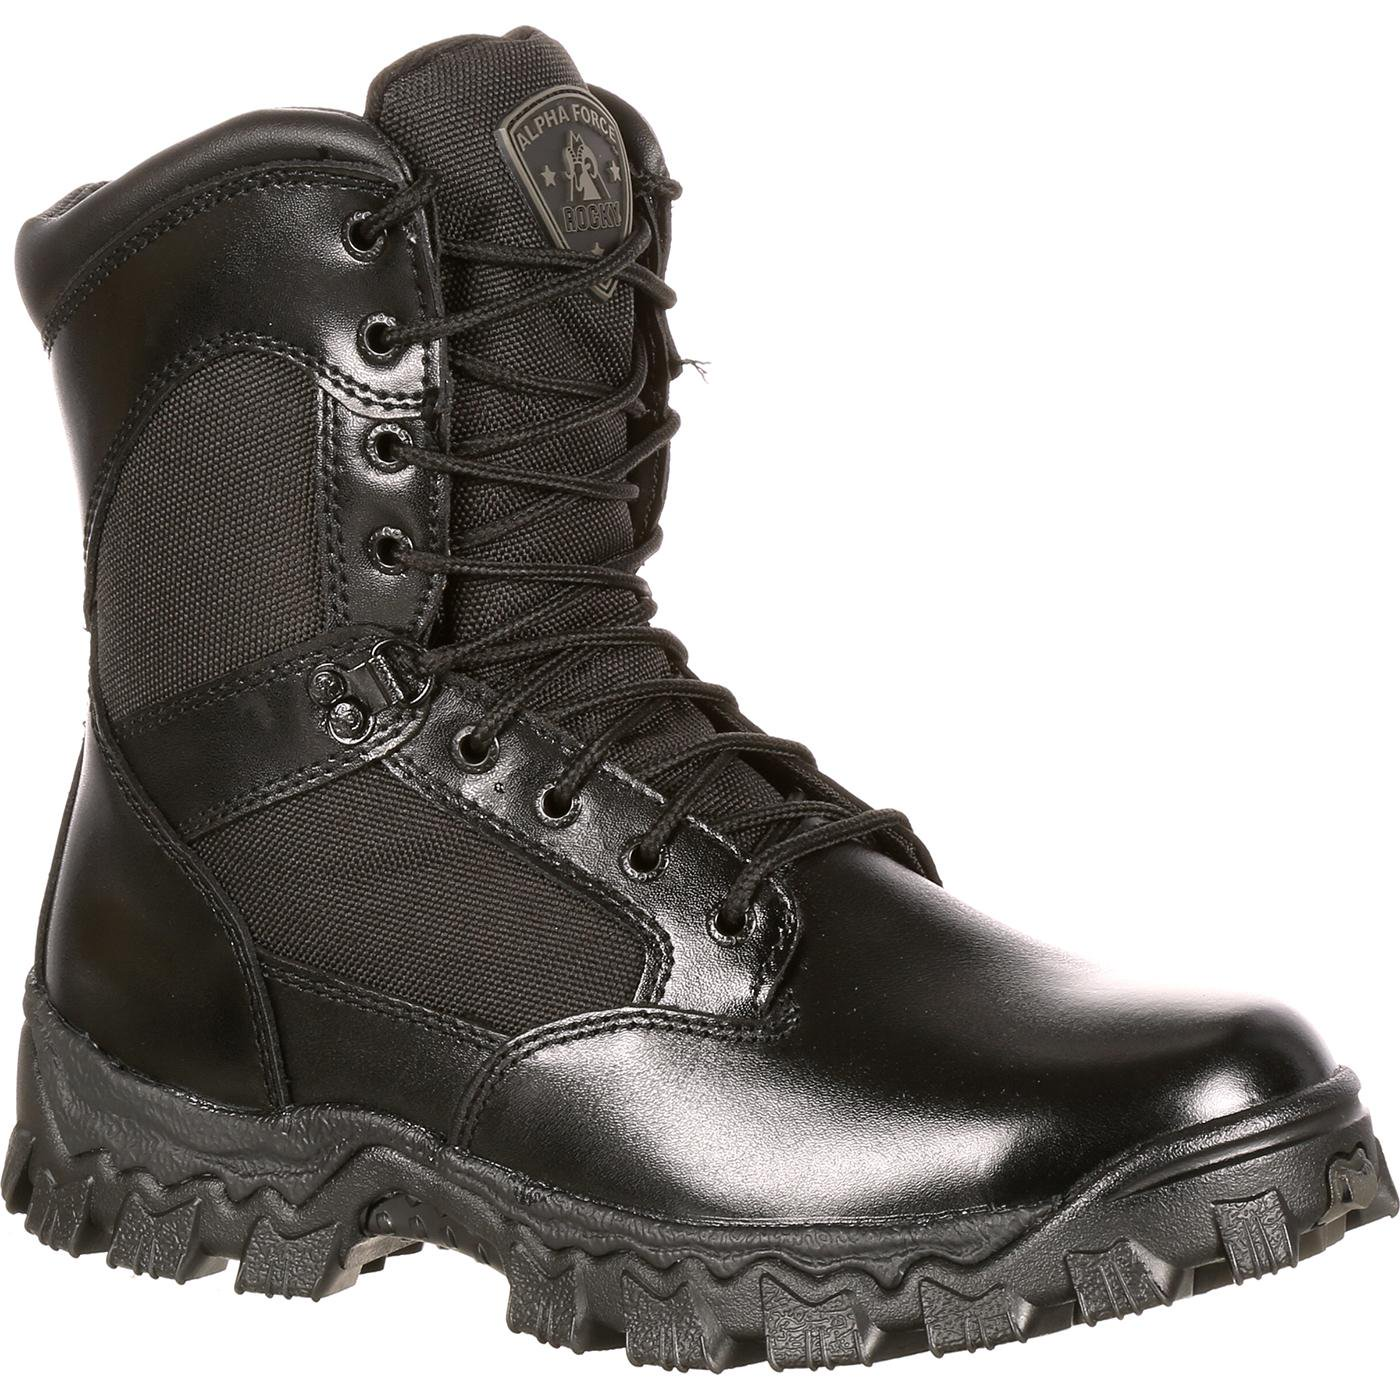 4e3c9e37ed2 Rocky AlphaForce Women's Waterproof Duty Boot